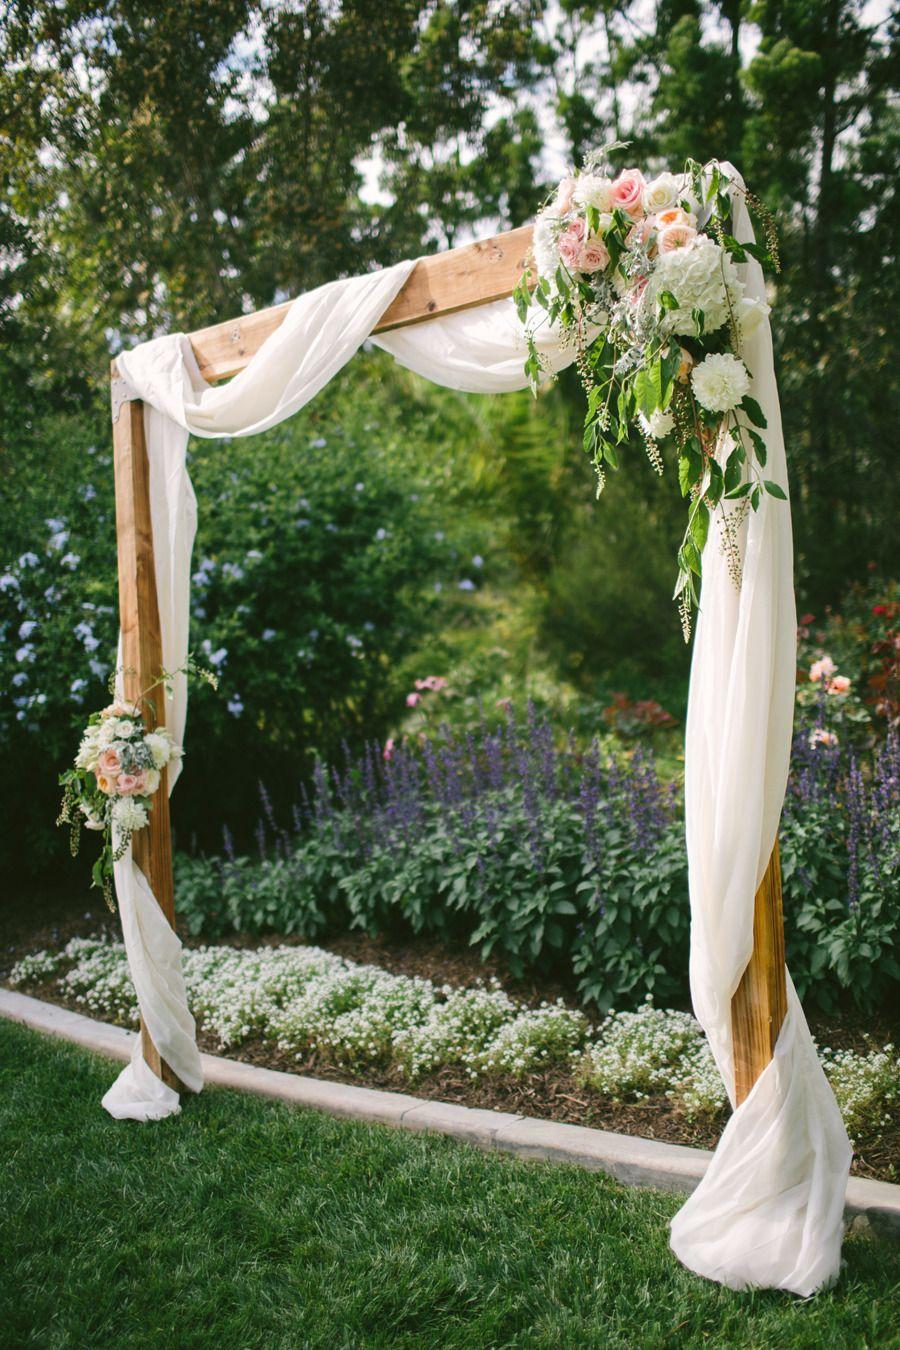 30 Rustic Wedding Arch Ideas For Every Wedding 2019 – Trendy Wedding Ideas  Blog